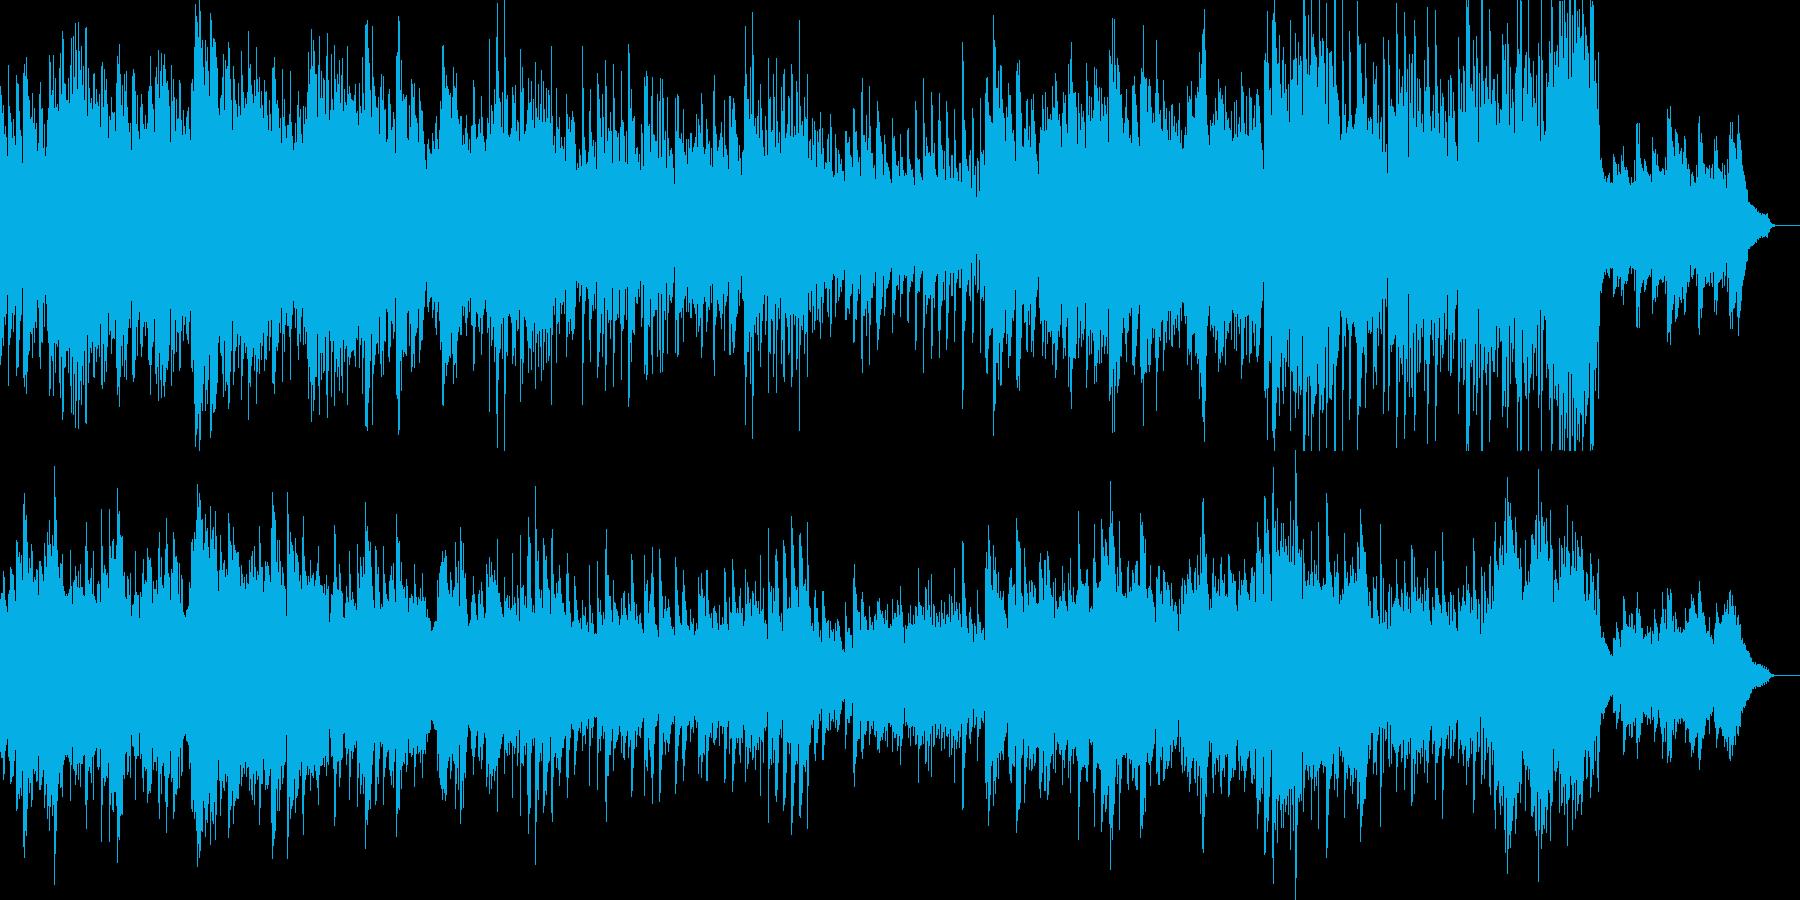 優しくも切ない雰囲気の映像用ピアノ曲の再生済みの波形